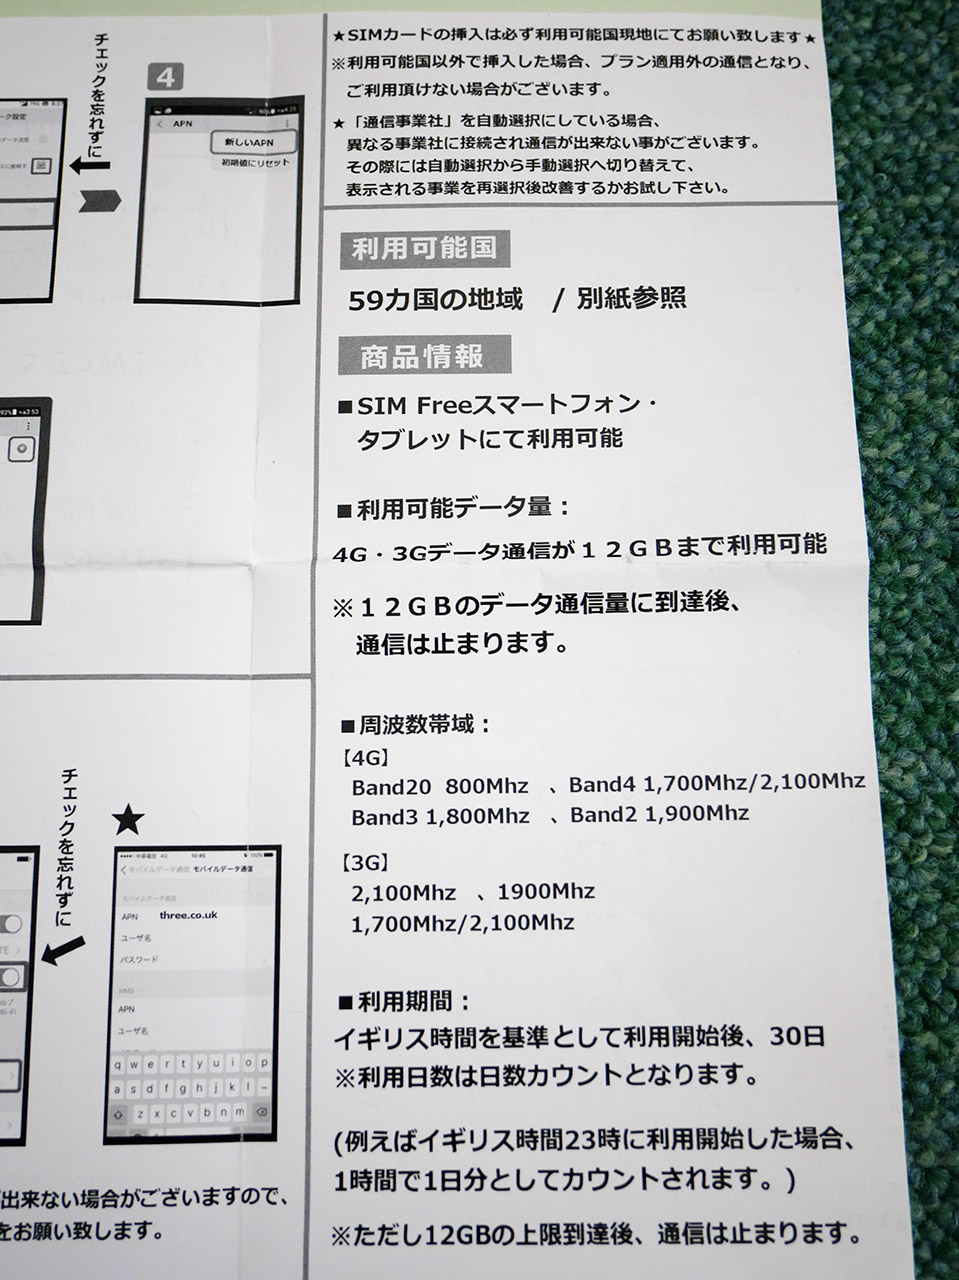 SIMカードと一緒に入っていた日本語マニュアル